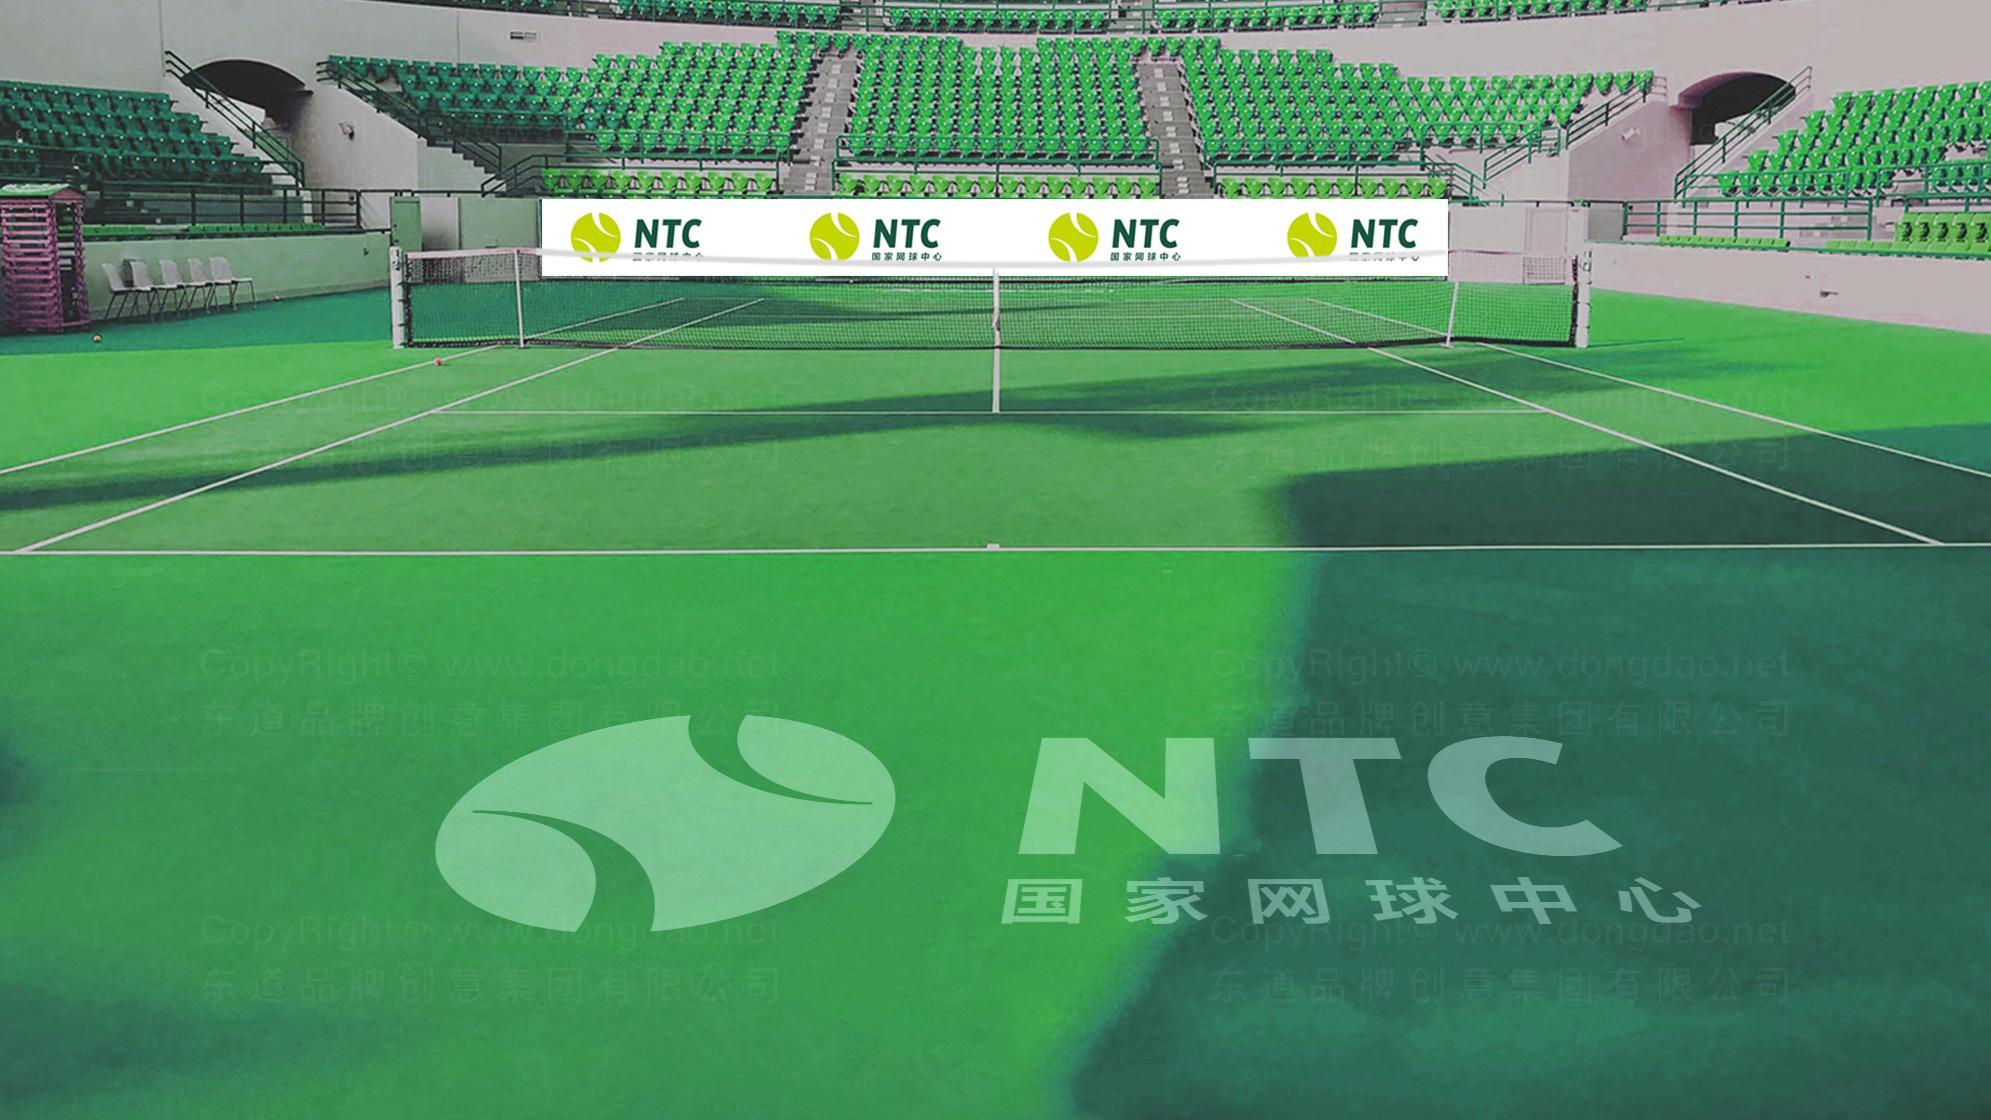 品牌设计国家网球中心标志设计应用场景_5